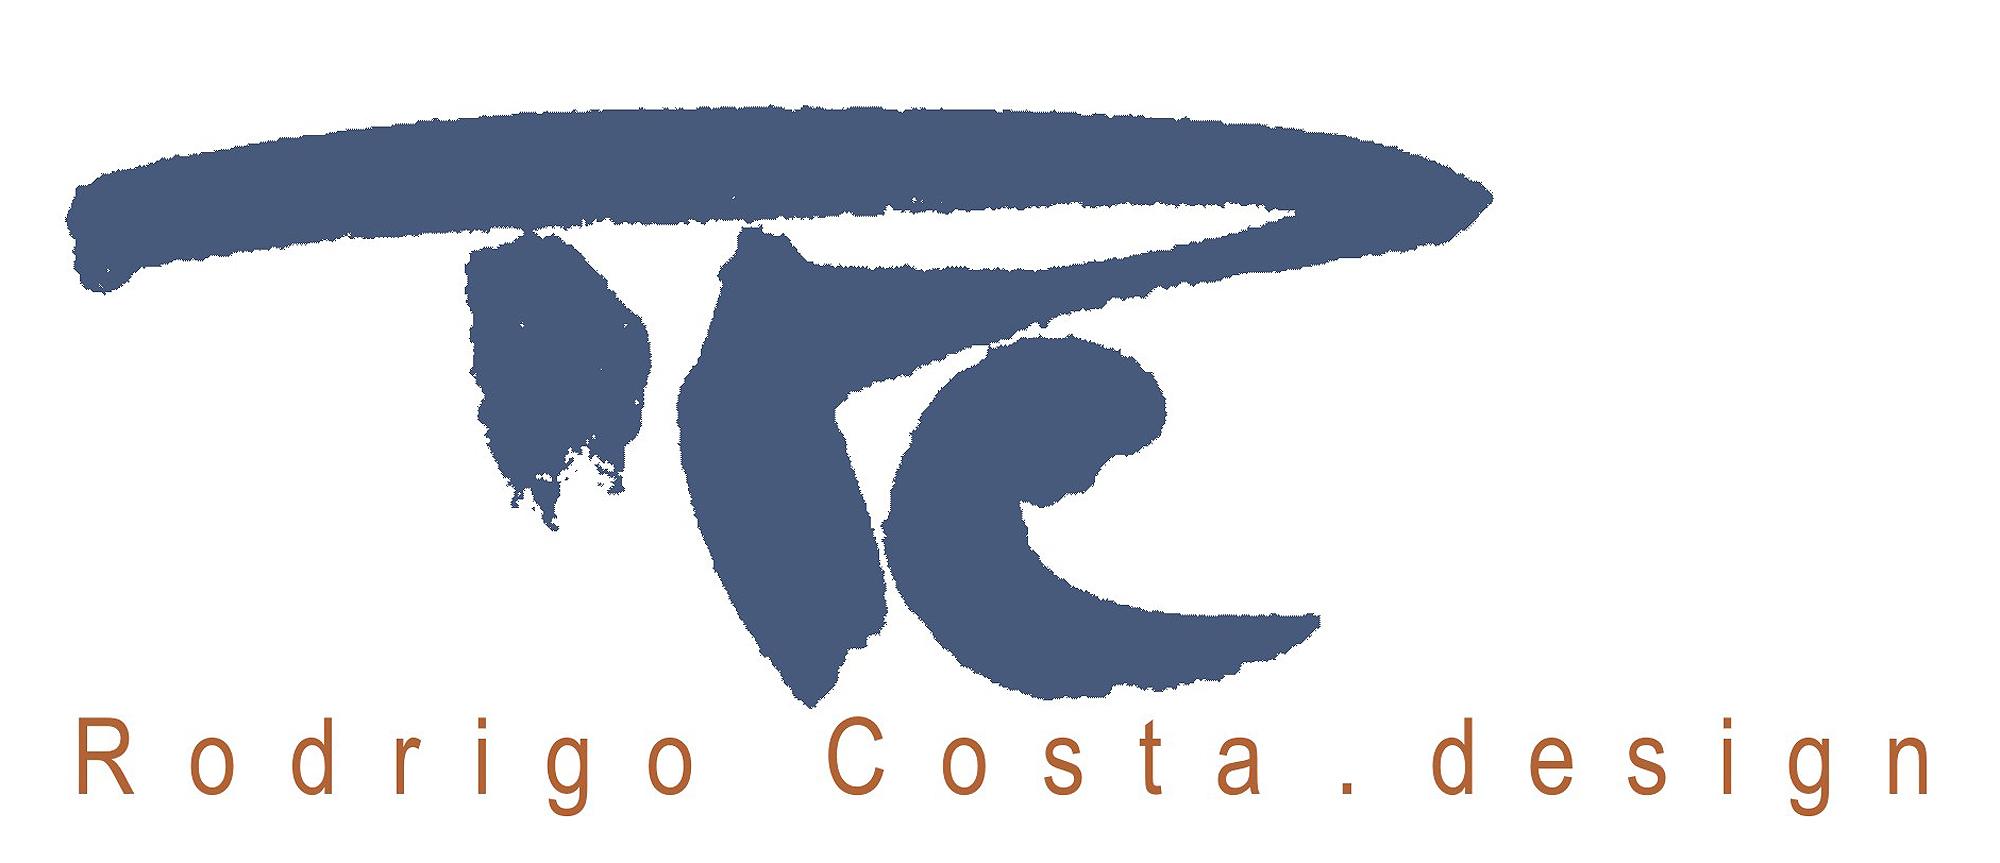 Rodrigo Costa's Signature